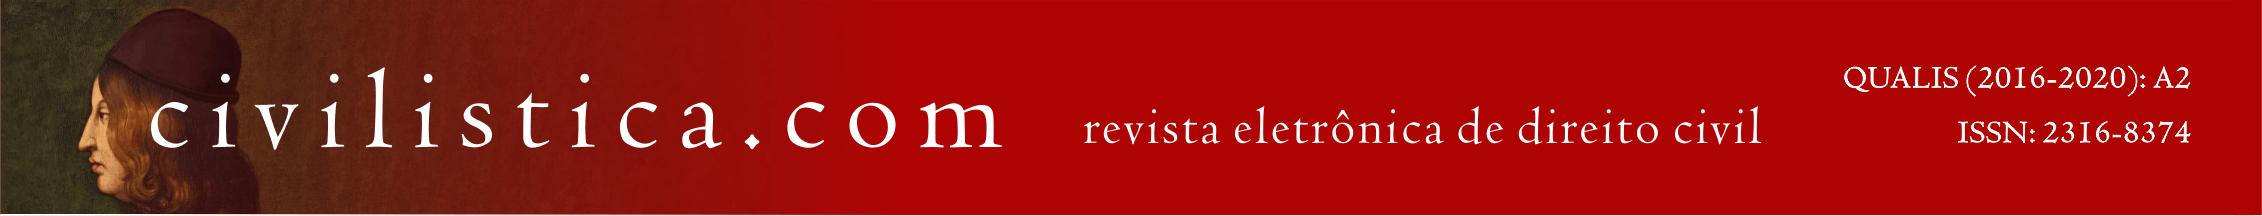 civilistica.com